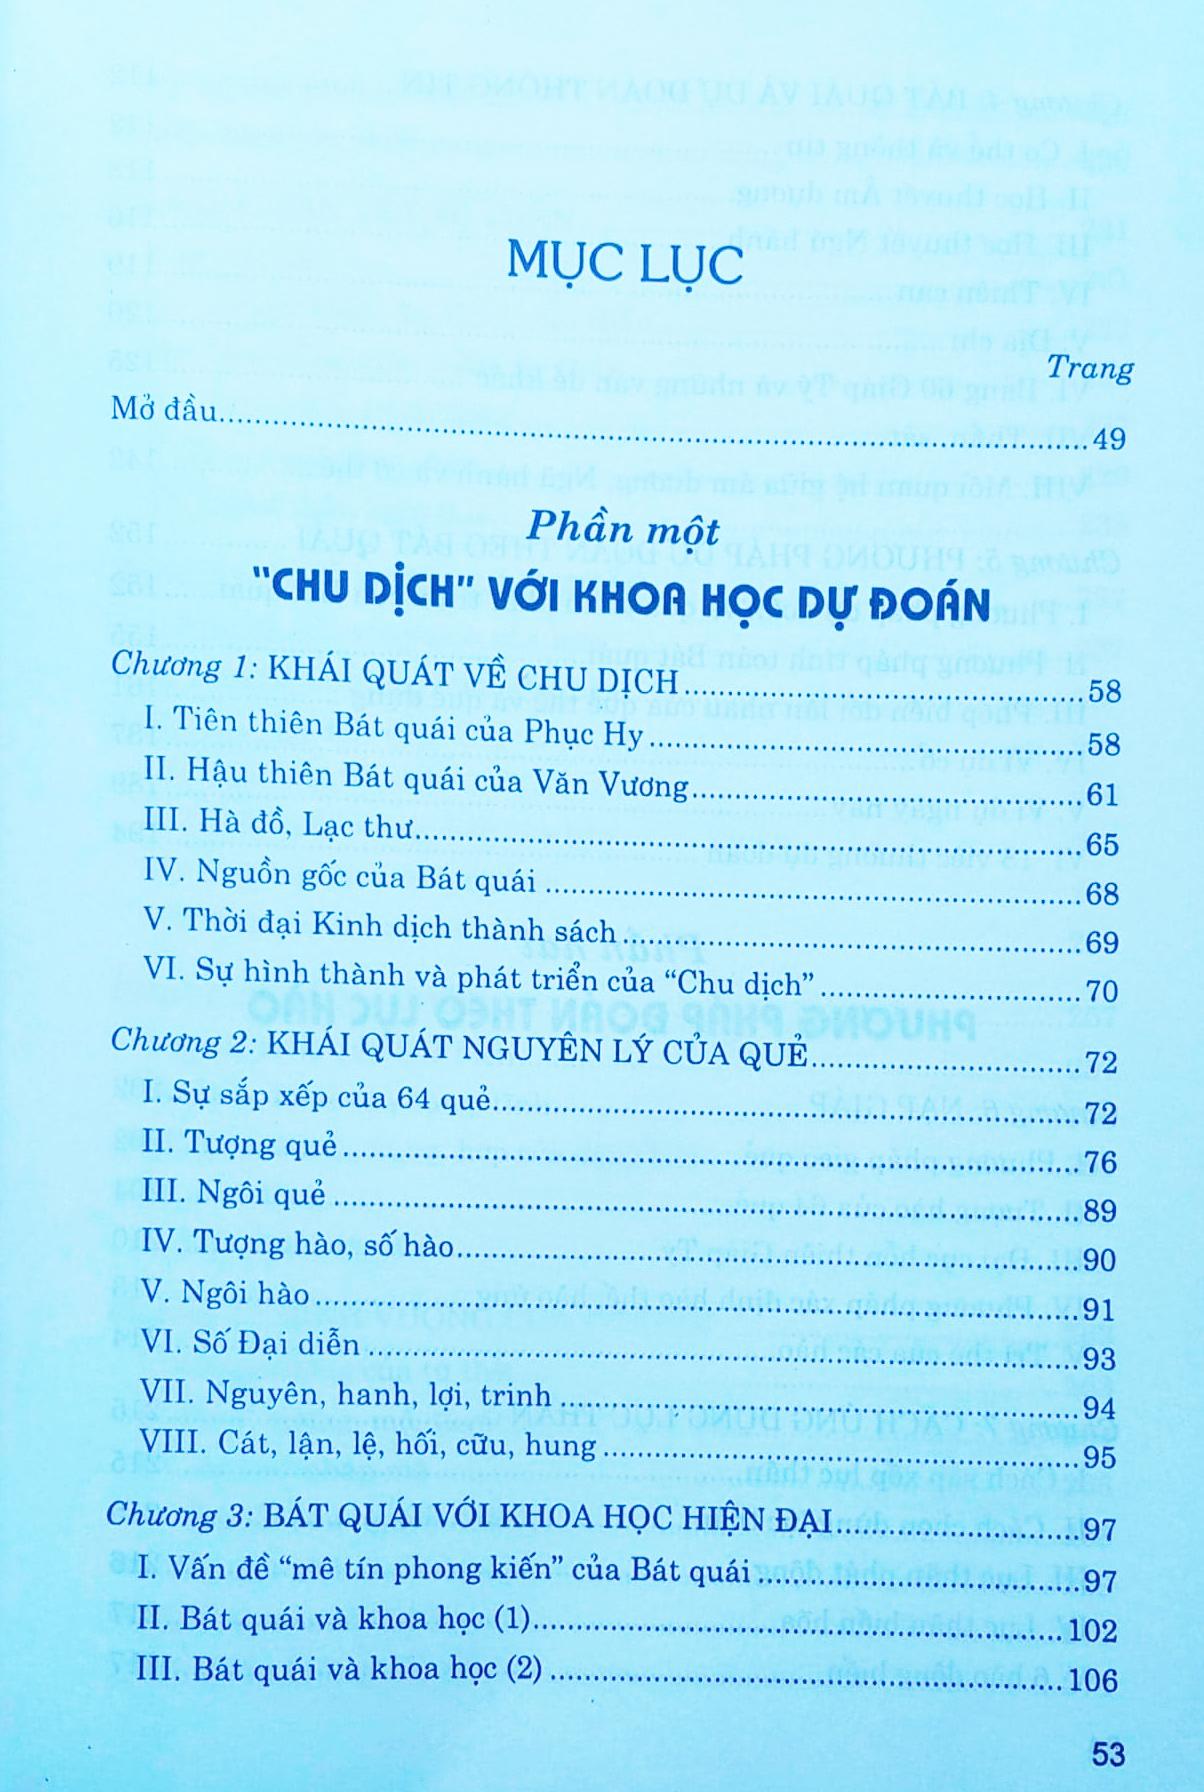 Chu Dịch Với Dự Đoán Học - (Ấn Bản Đặc Biệt)